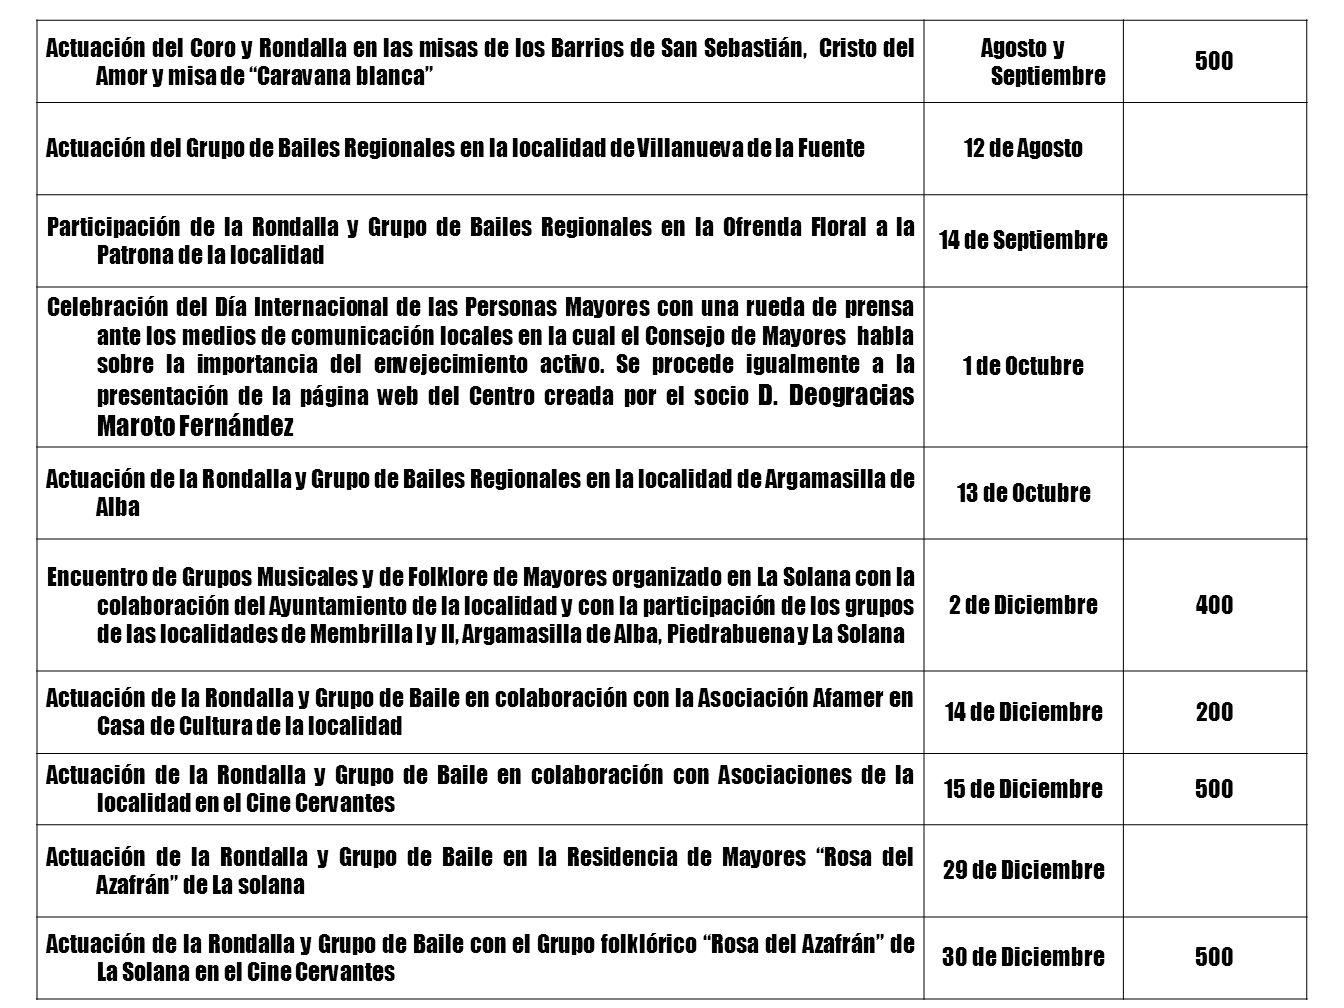 ACTOS DE PARTICIPACION SOCIAL Breve descripción de la ActividadFechaNº Asistentes Recital de Villancicos a cargo del Coro y Rondalla Santa Cecilia en